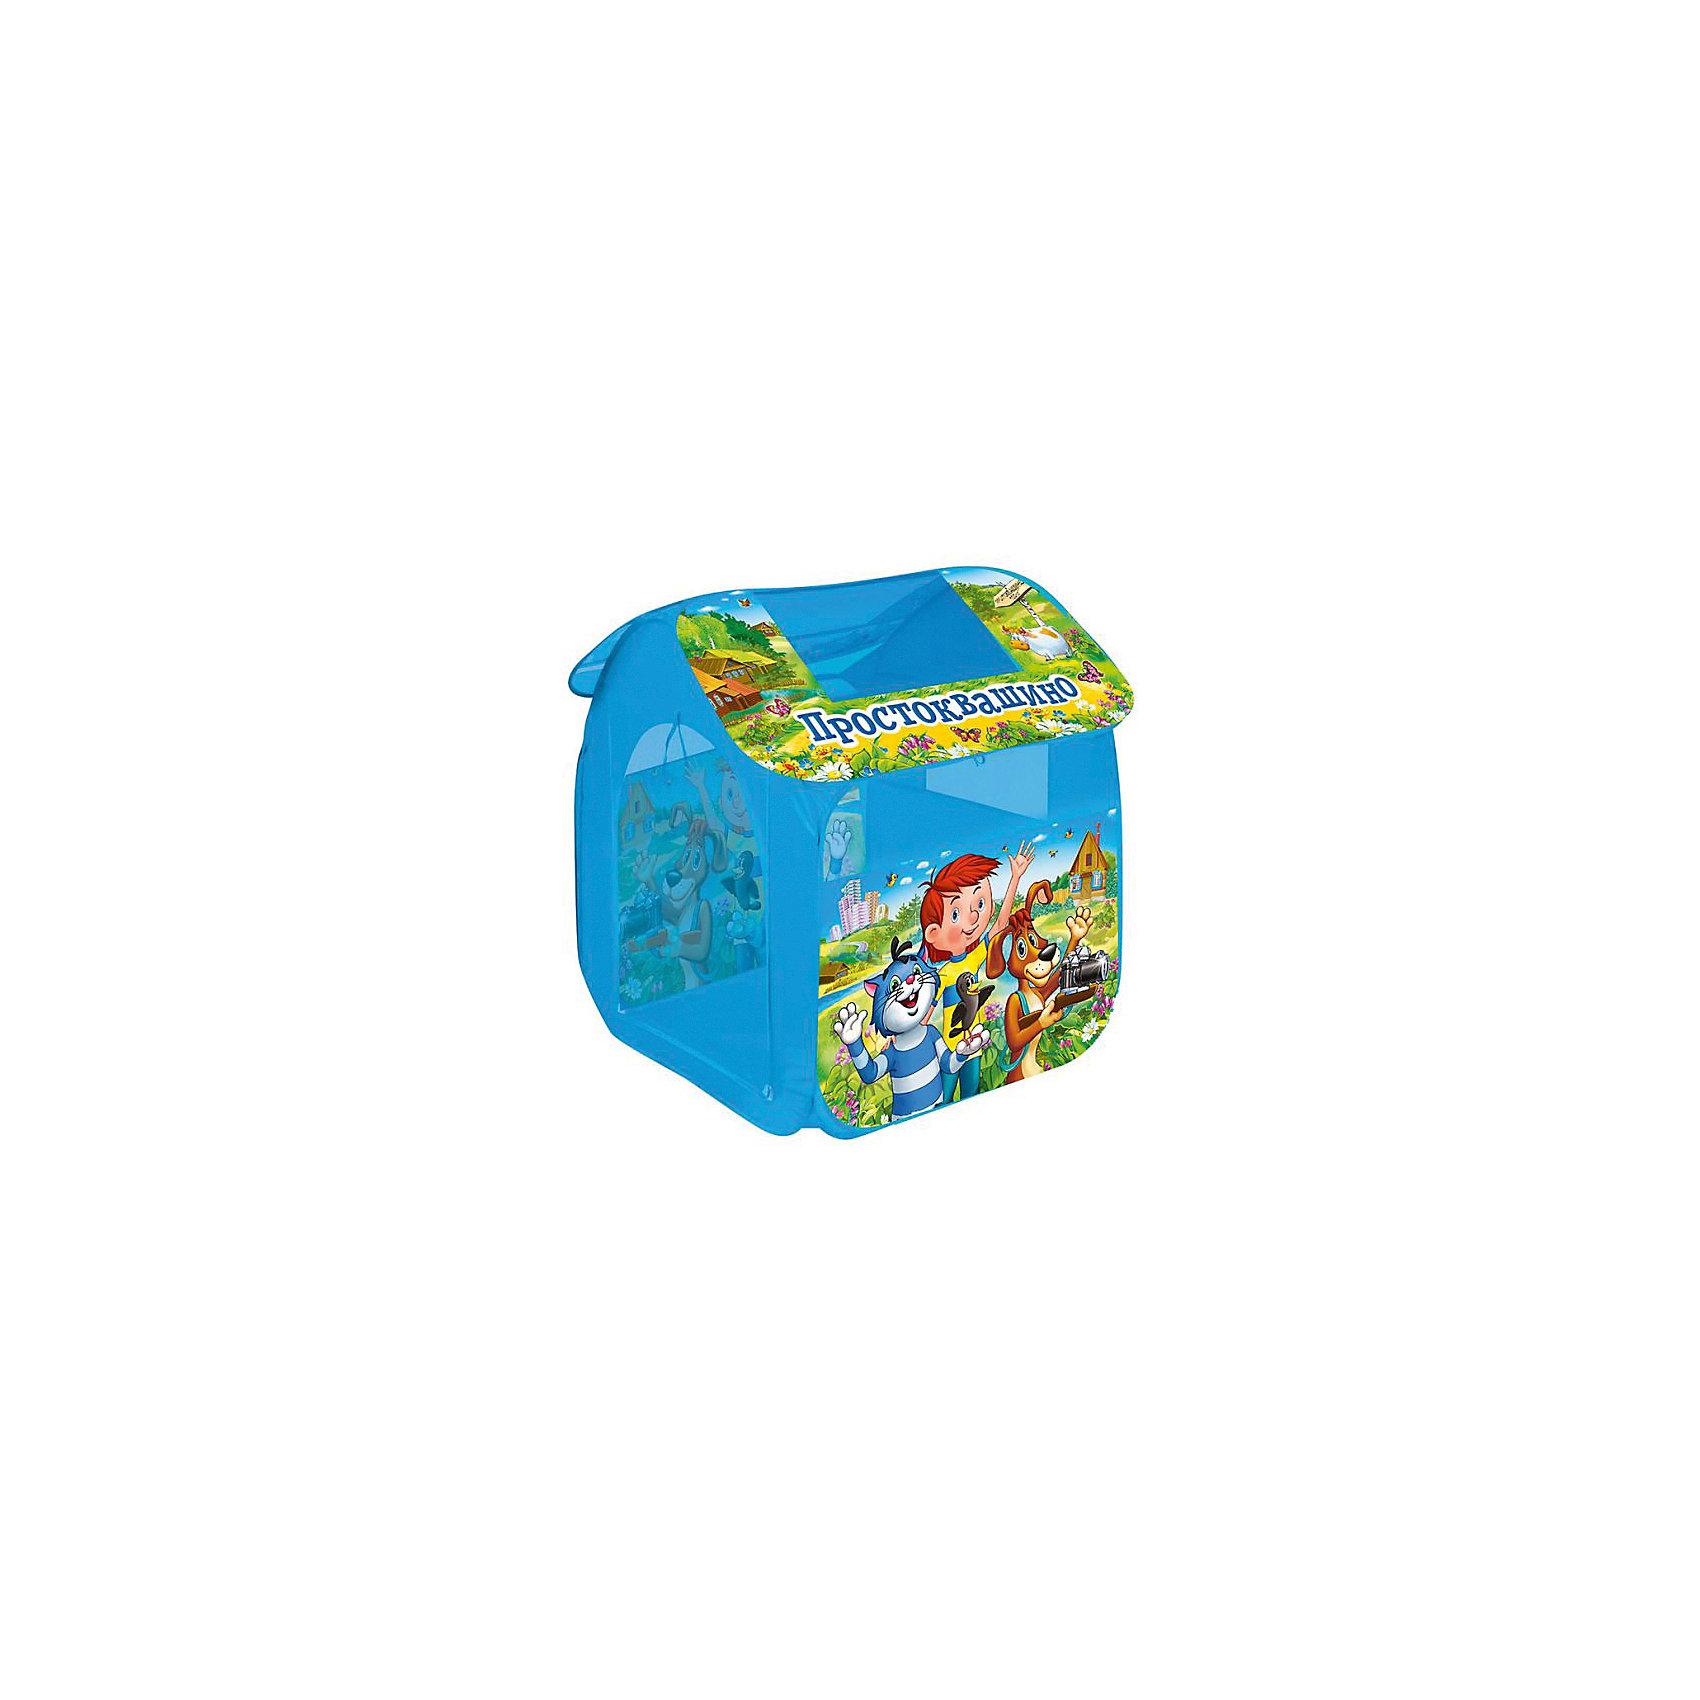 Палатка Простоквашино (большая), в сумке, Играем вместеПалатка Простоквашино, Играем вместе, станет чудесным подарком для Вашего ребенка. Красочная палатка ярко-голубого цвета выполнена по мотивам популярных отечественных мультфильмов Прстоквашино и украшена изображениями его персонажей. Палатка оснащена дверью на липучке, окошками из сетчатого материала и большим окном для вентиляции на крыше палатки. Благодаря самораскладывающемуся каркасу-спирали палатка легко собирается и складывается. Этот замечательный игровой домик поможет Вашему ребенку создать свой уютный уголок для игр как в помещении, так и на улице. Палатка компактно складывается в небольшую сумочку, поэтому ее удобно брать с собой на прогулку или в поездку. Выполнена из прочного, водонепроницаемого, моющегося материала. Яркая палатка будет чудесным местом для самостоятельной игры ребёнка и отлично подойдёт для сюжетно-ролевых игр. <br><br>Дополнительная информация:<br><br>- Материал: текстиль. <br>- Размер палатки: 83 х 80 х 105 см.<br>- Размер упаковки: 40 x 40 x 3 см.<br>- Вес с упаковкой: 0,71 кг. <br><br>Палатку Простоквашино (большая), в сумке, Играем вместе, можно купить в нашем интернет-магазине.<br><br>Ширина мм: 400<br>Глубина мм: 400<br>Высота мм: 30<br>Вес г: 710<br>Возраст от месяцев: 36<br>Возраст до месяцев: 120<br>Пол: Унисекс<br>Возраст: Детский<br>SKU: 4546559